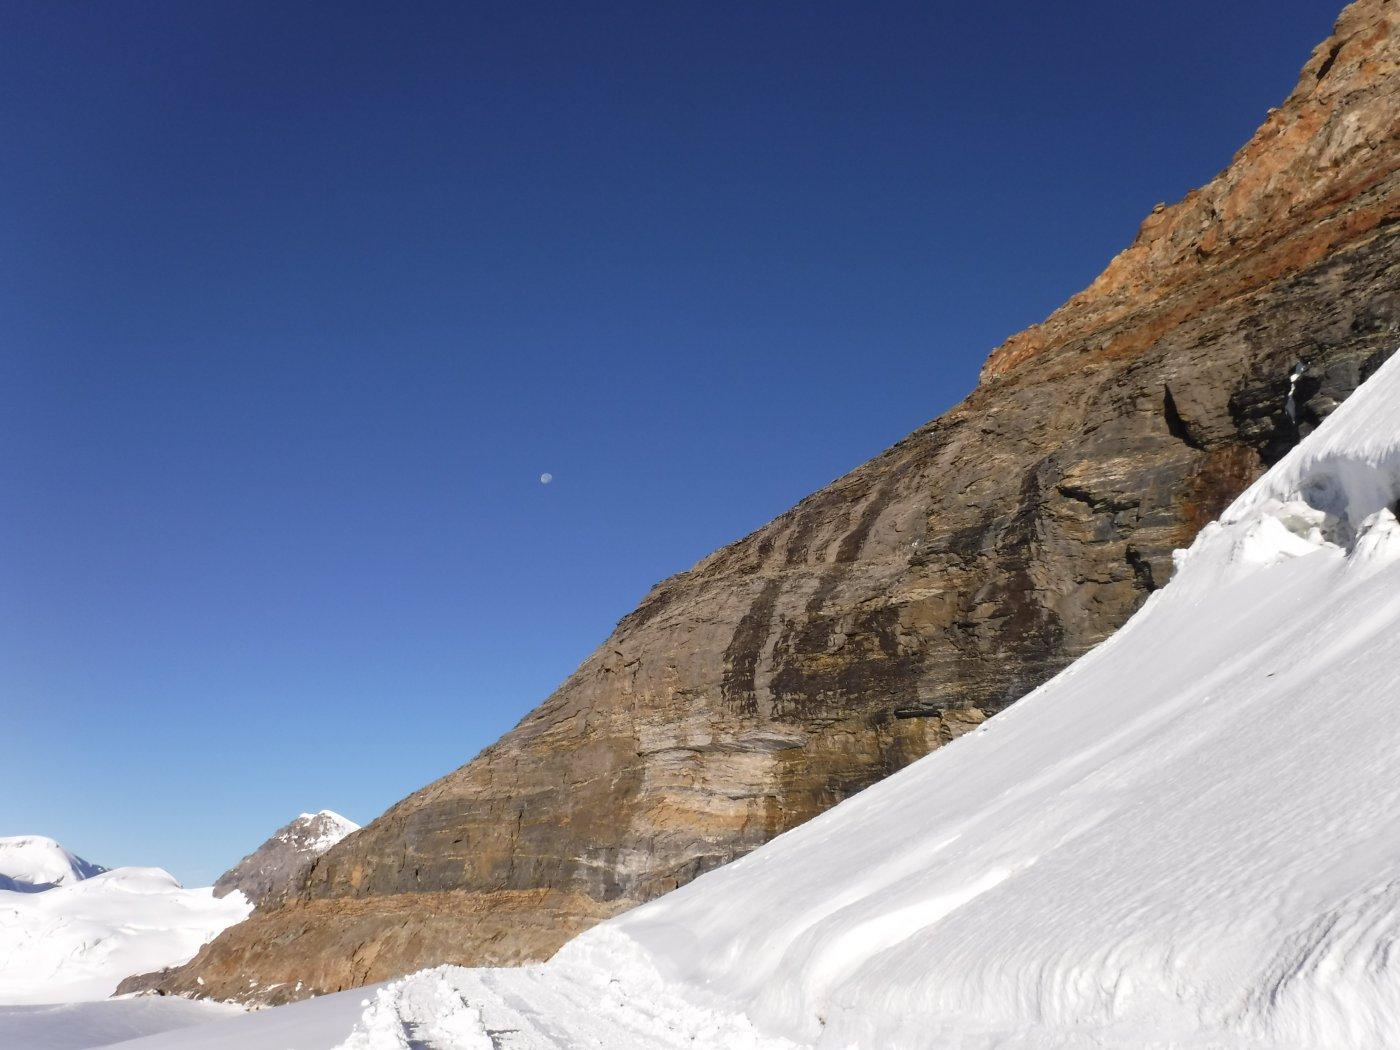 cresta rocciosa iniziale vista dal rifugio